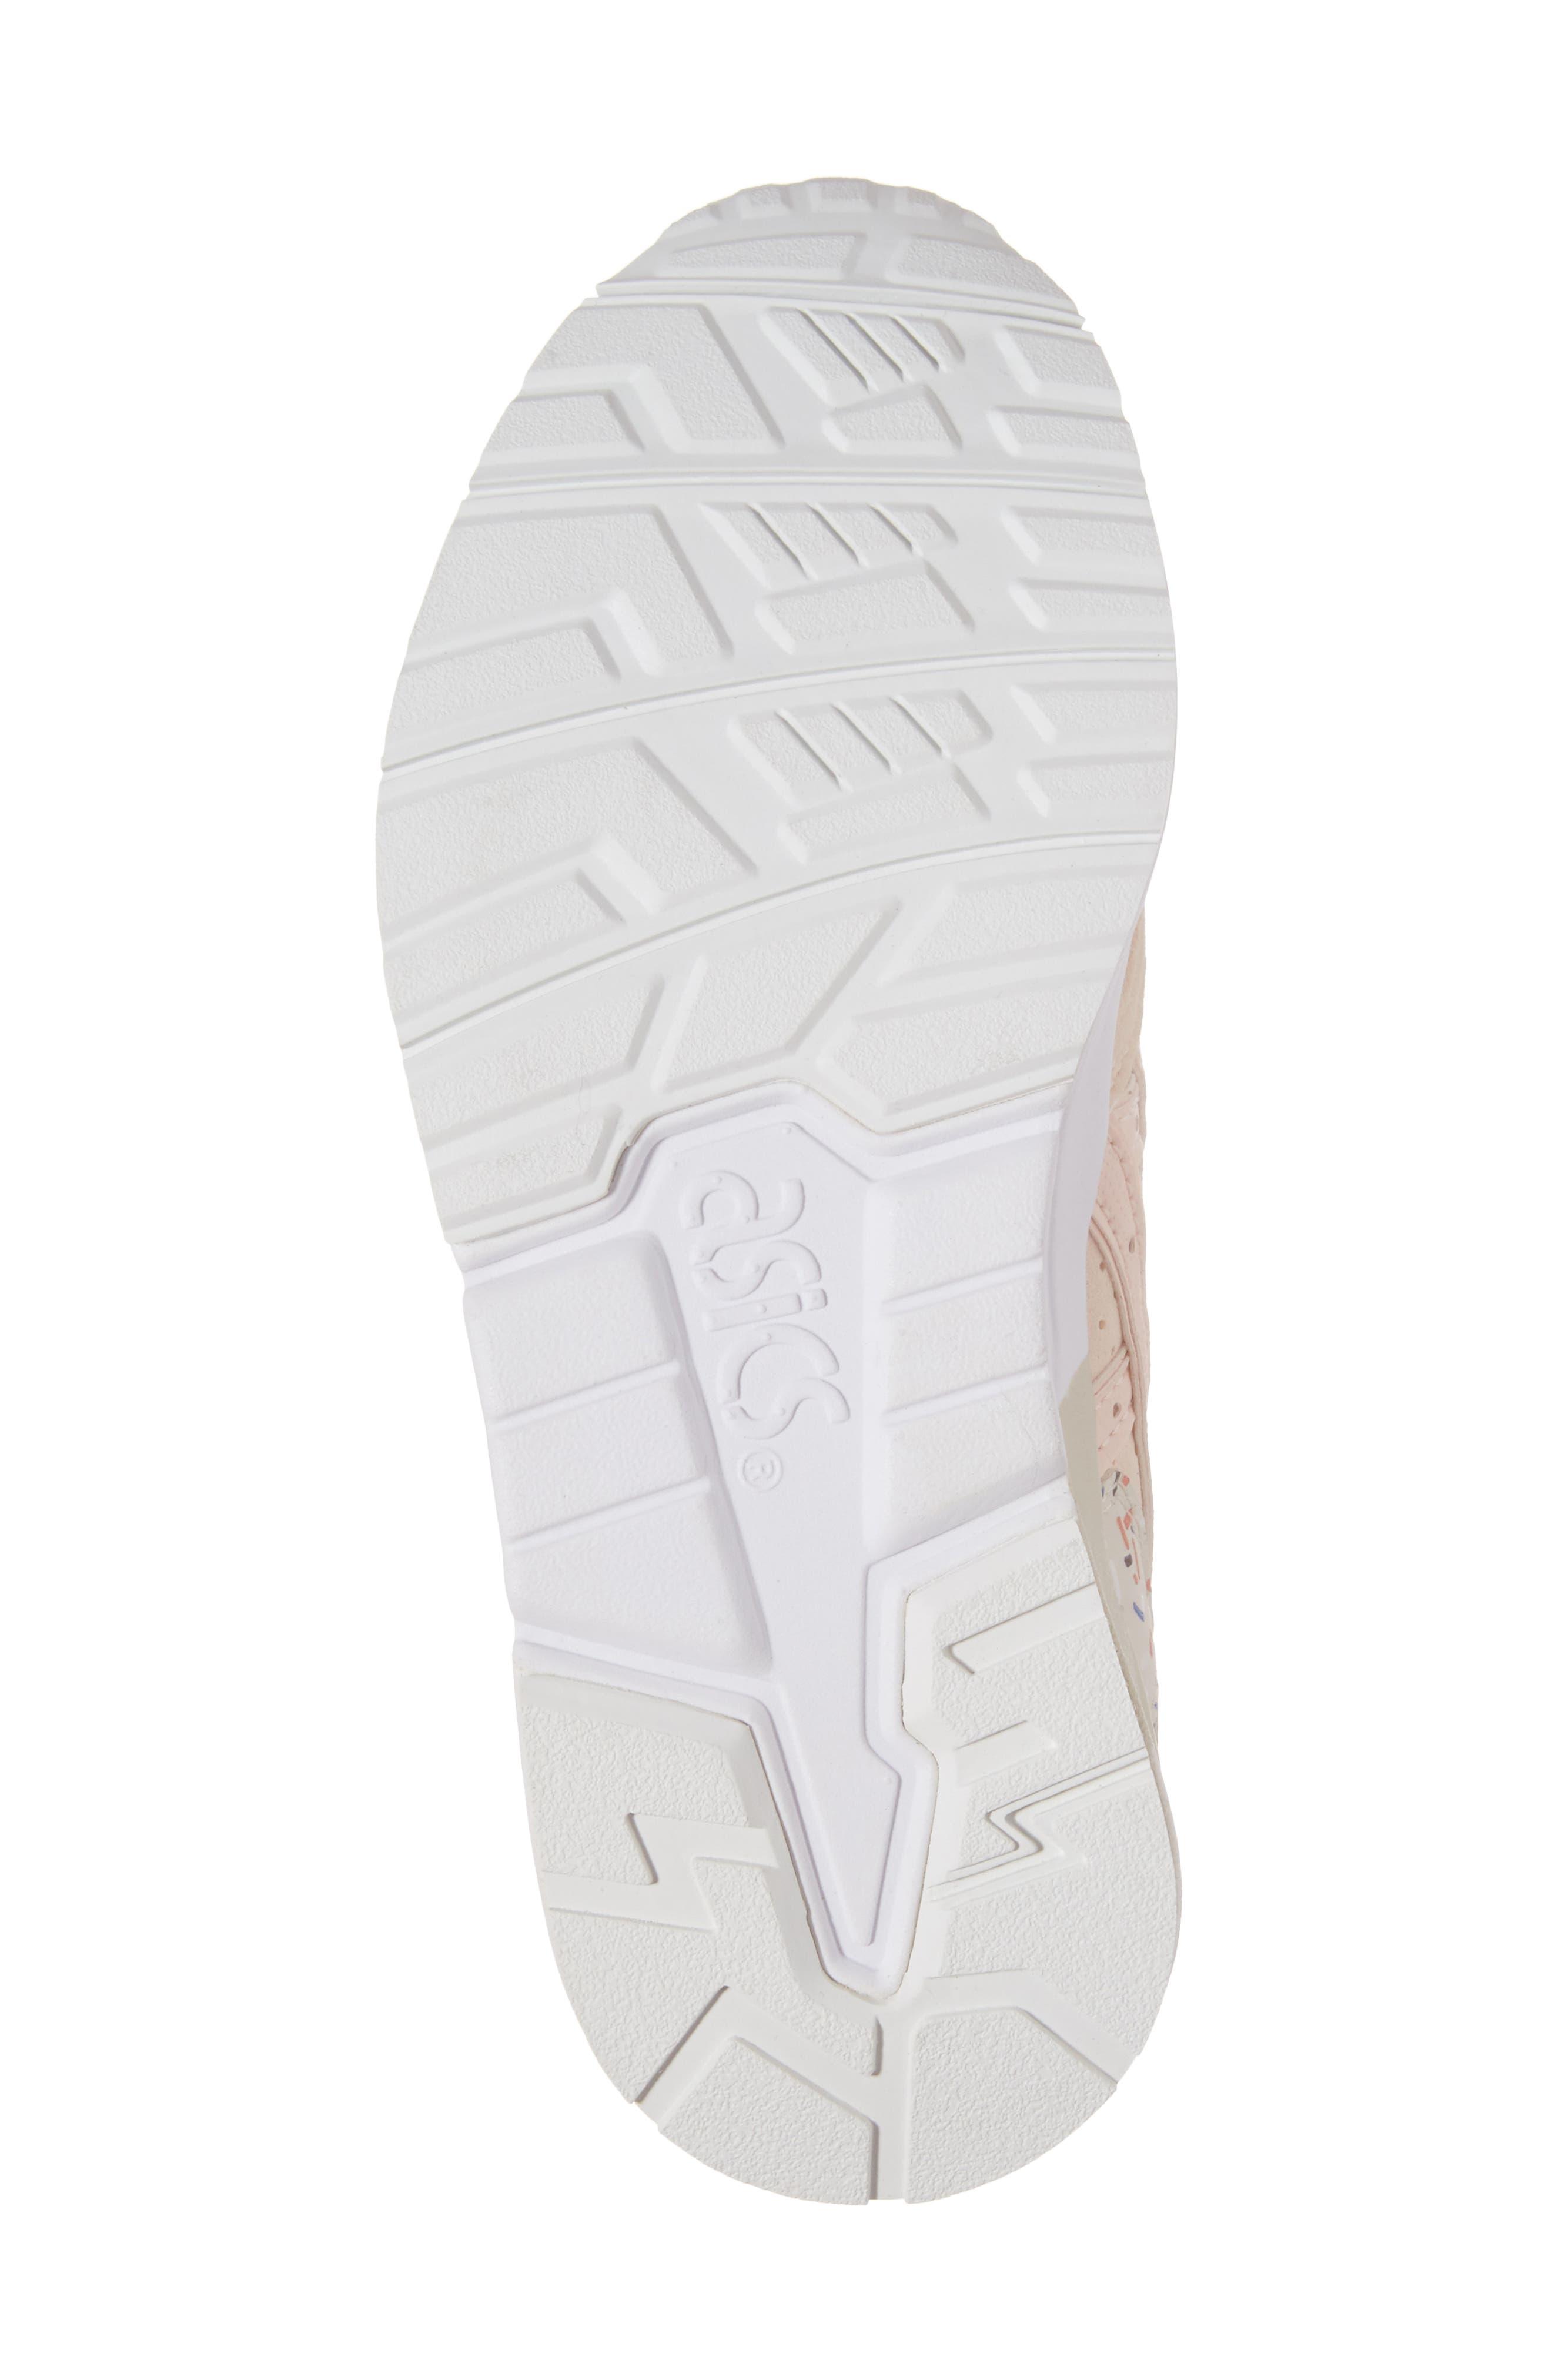 GEL-Lyte V Sneaker,                             Alternate thumbnail 6, color,                             Vanilla Cream/ Vanilla Cream